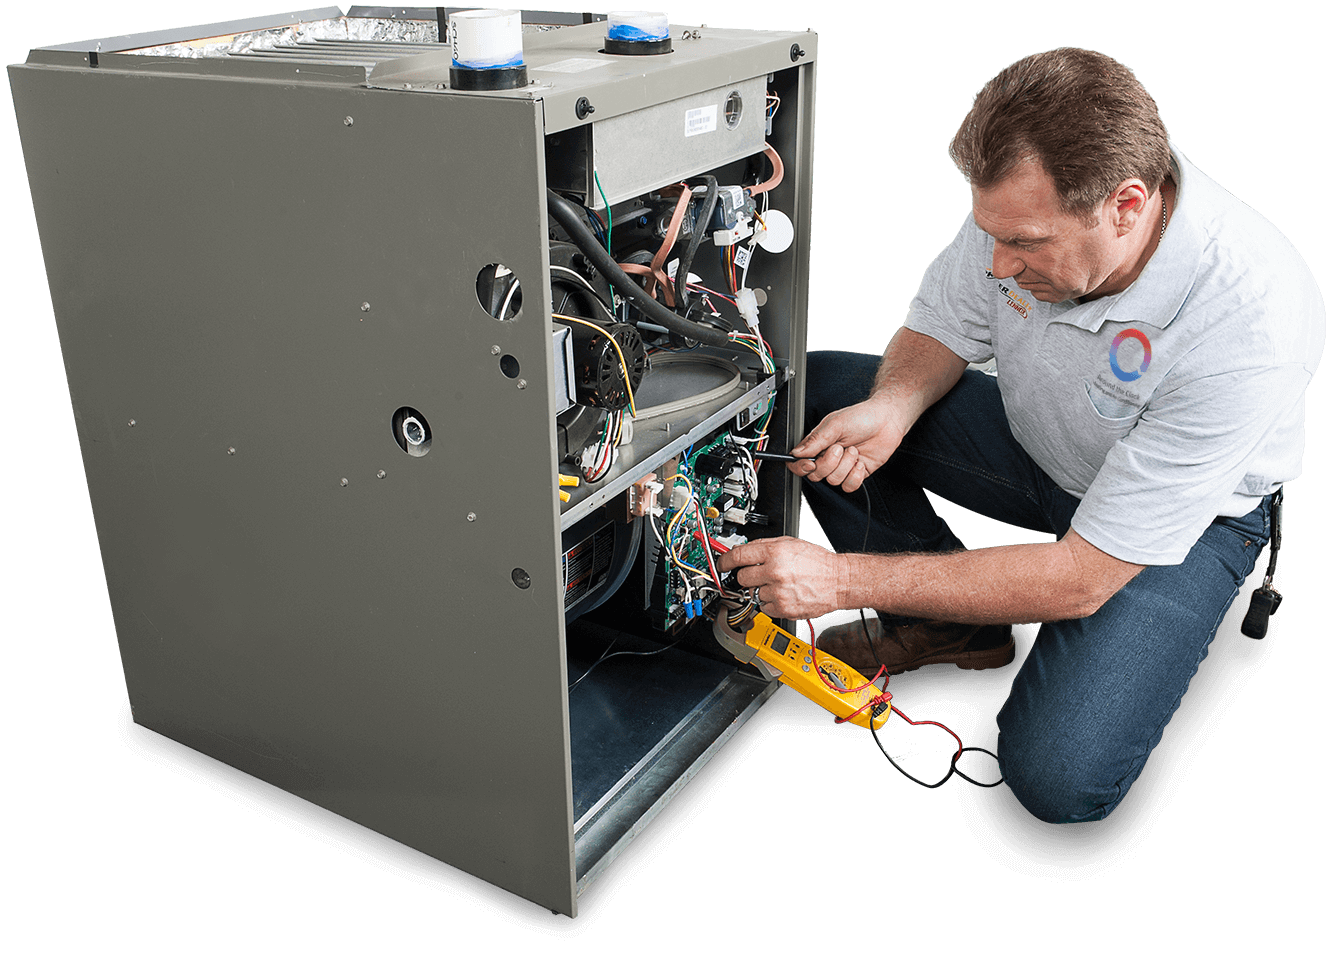 Pure Air Heating And Ac Repair Orting Provides The Best Heating And Ac Repair Services In Orting Loca Furnace Repair Air Conditioner Maintenance Heating Repair